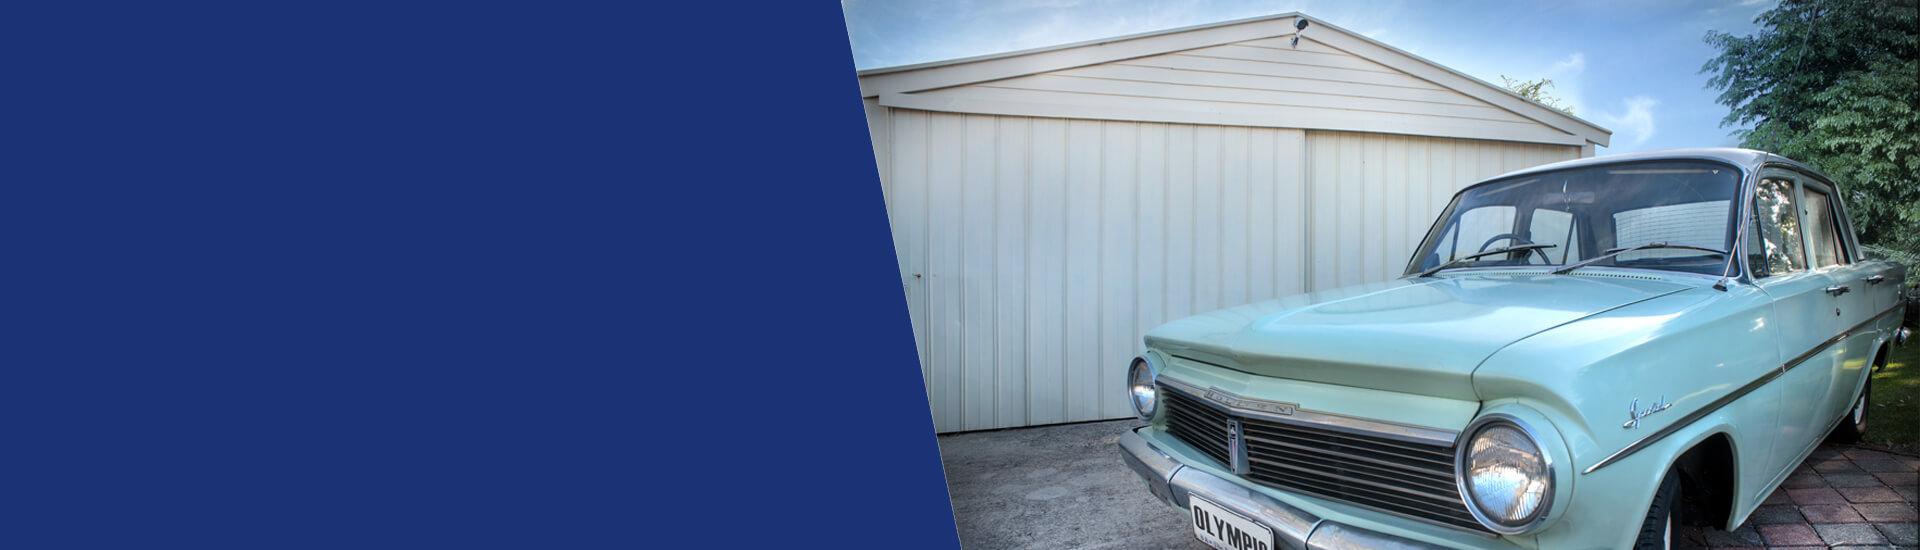 Garages & Sheds Adelaide